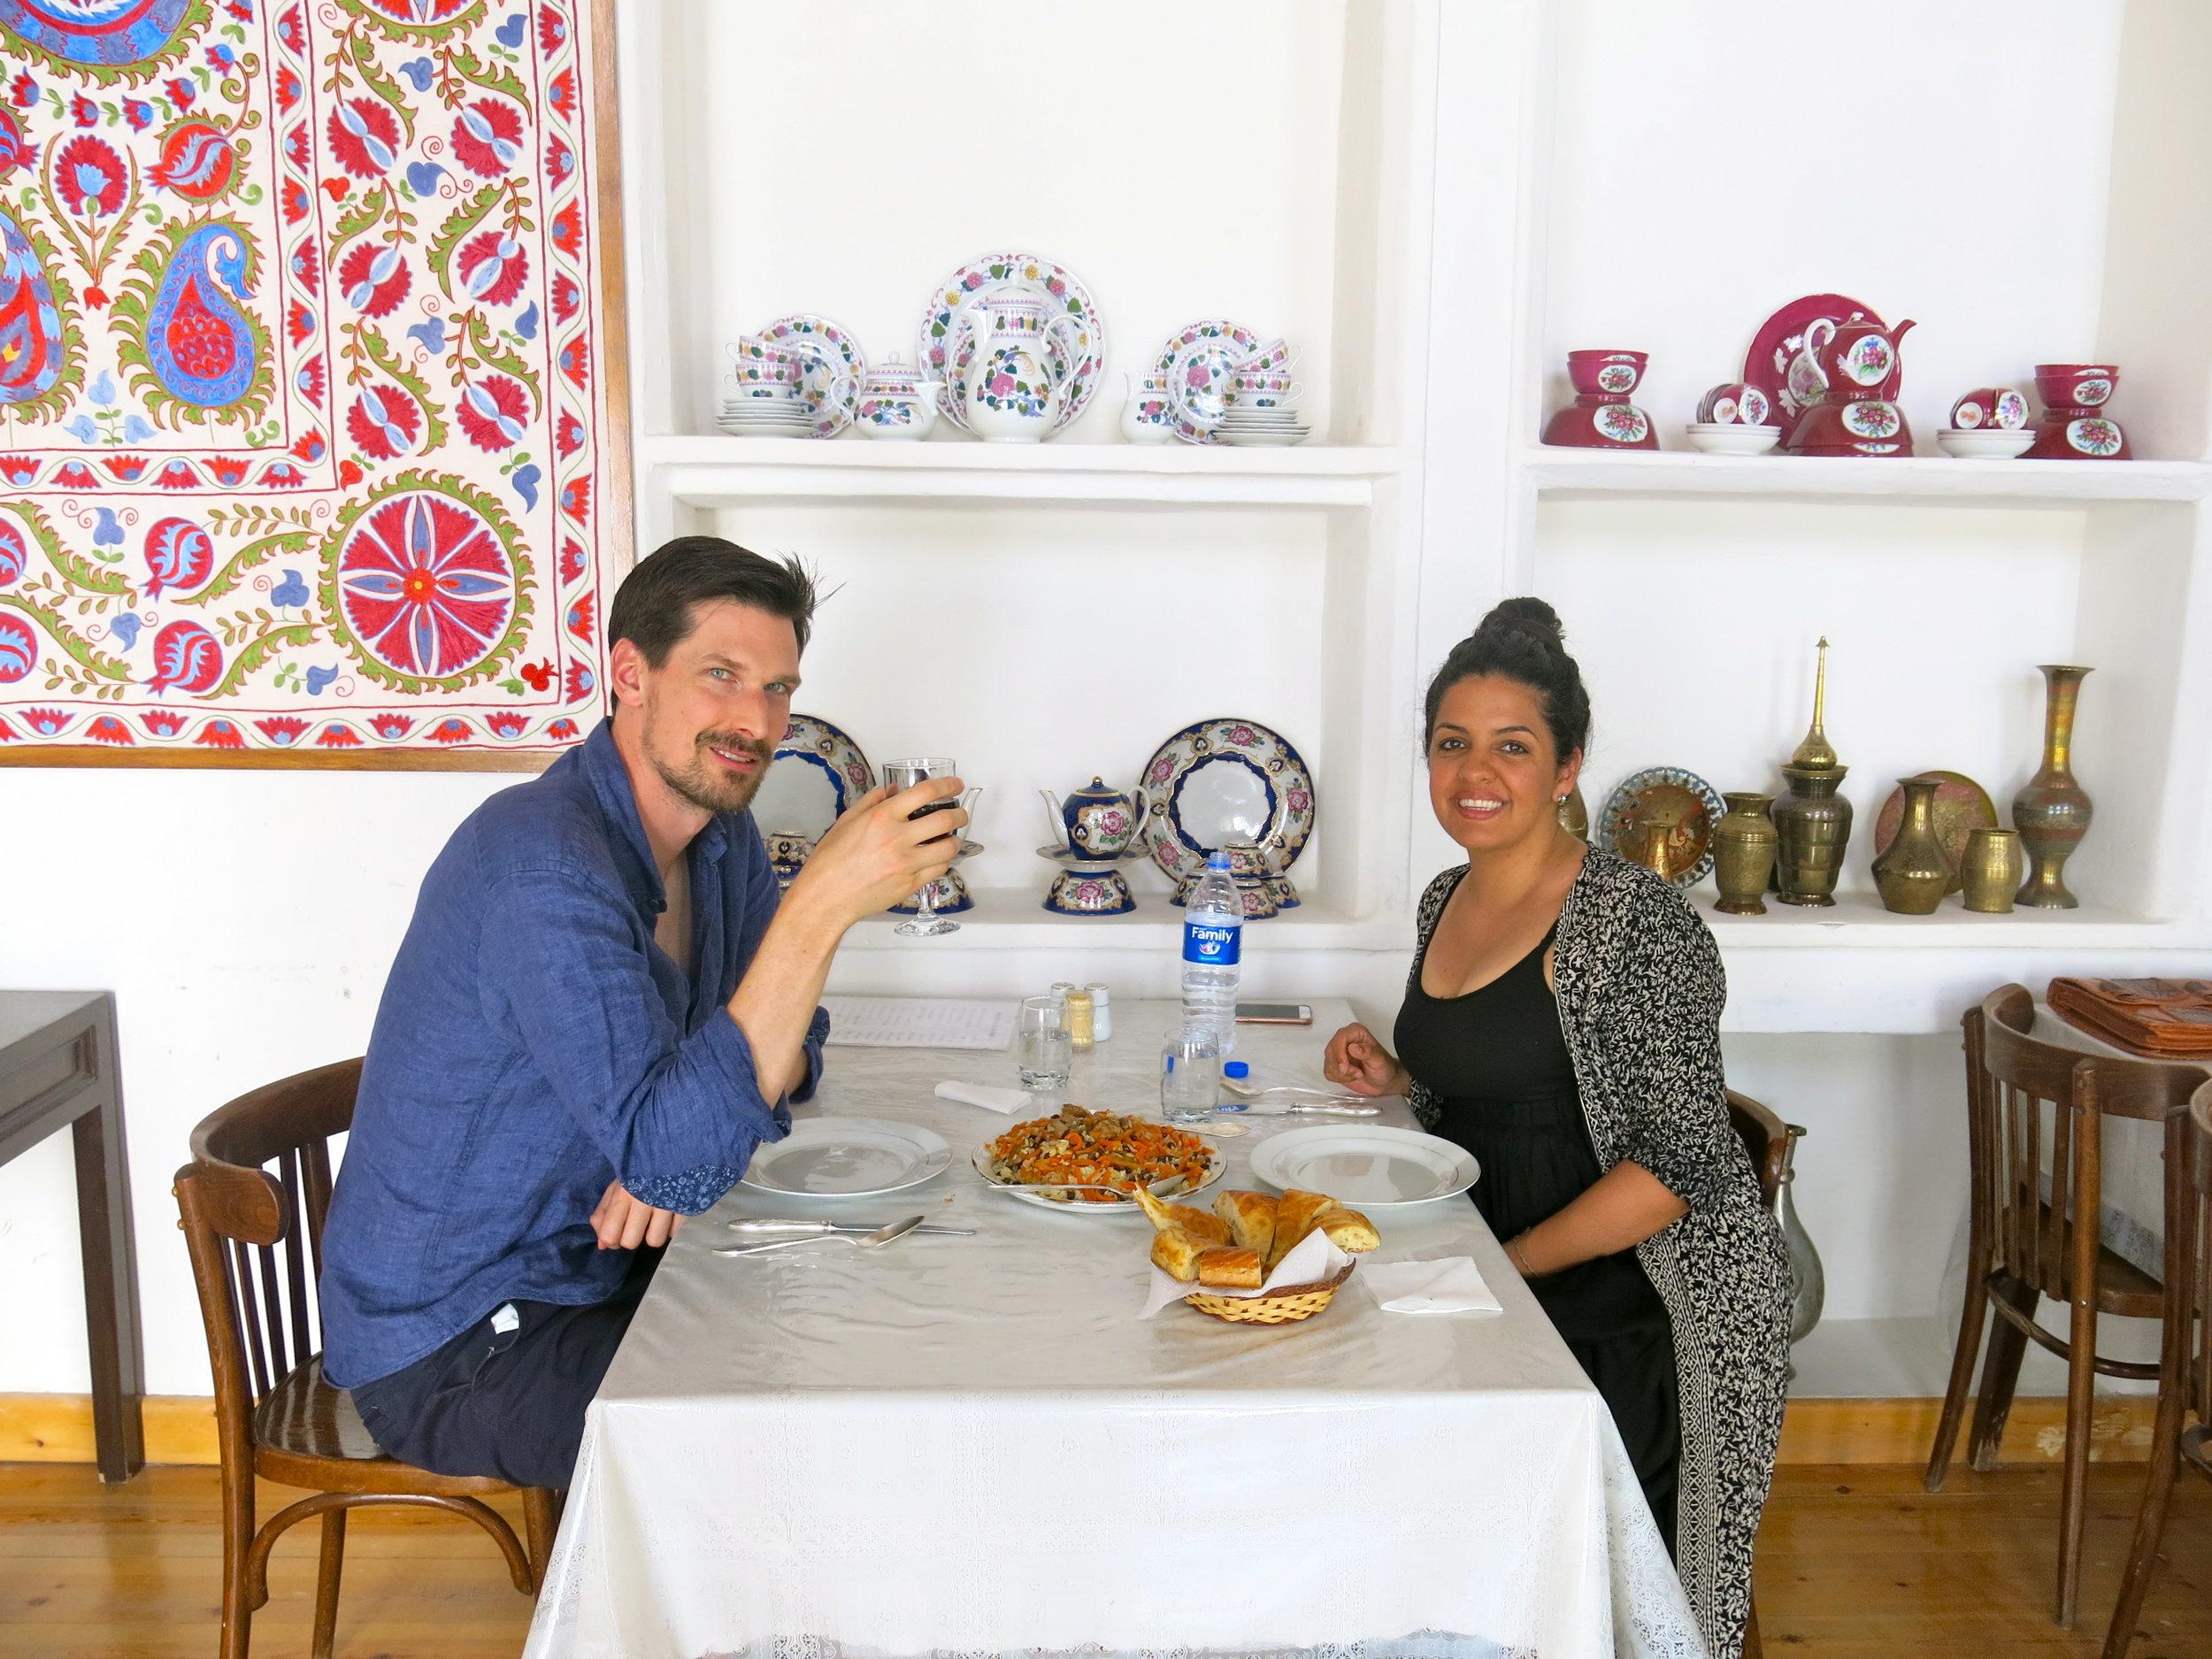 Enjoying homemade Plov in a family-owned restaurant